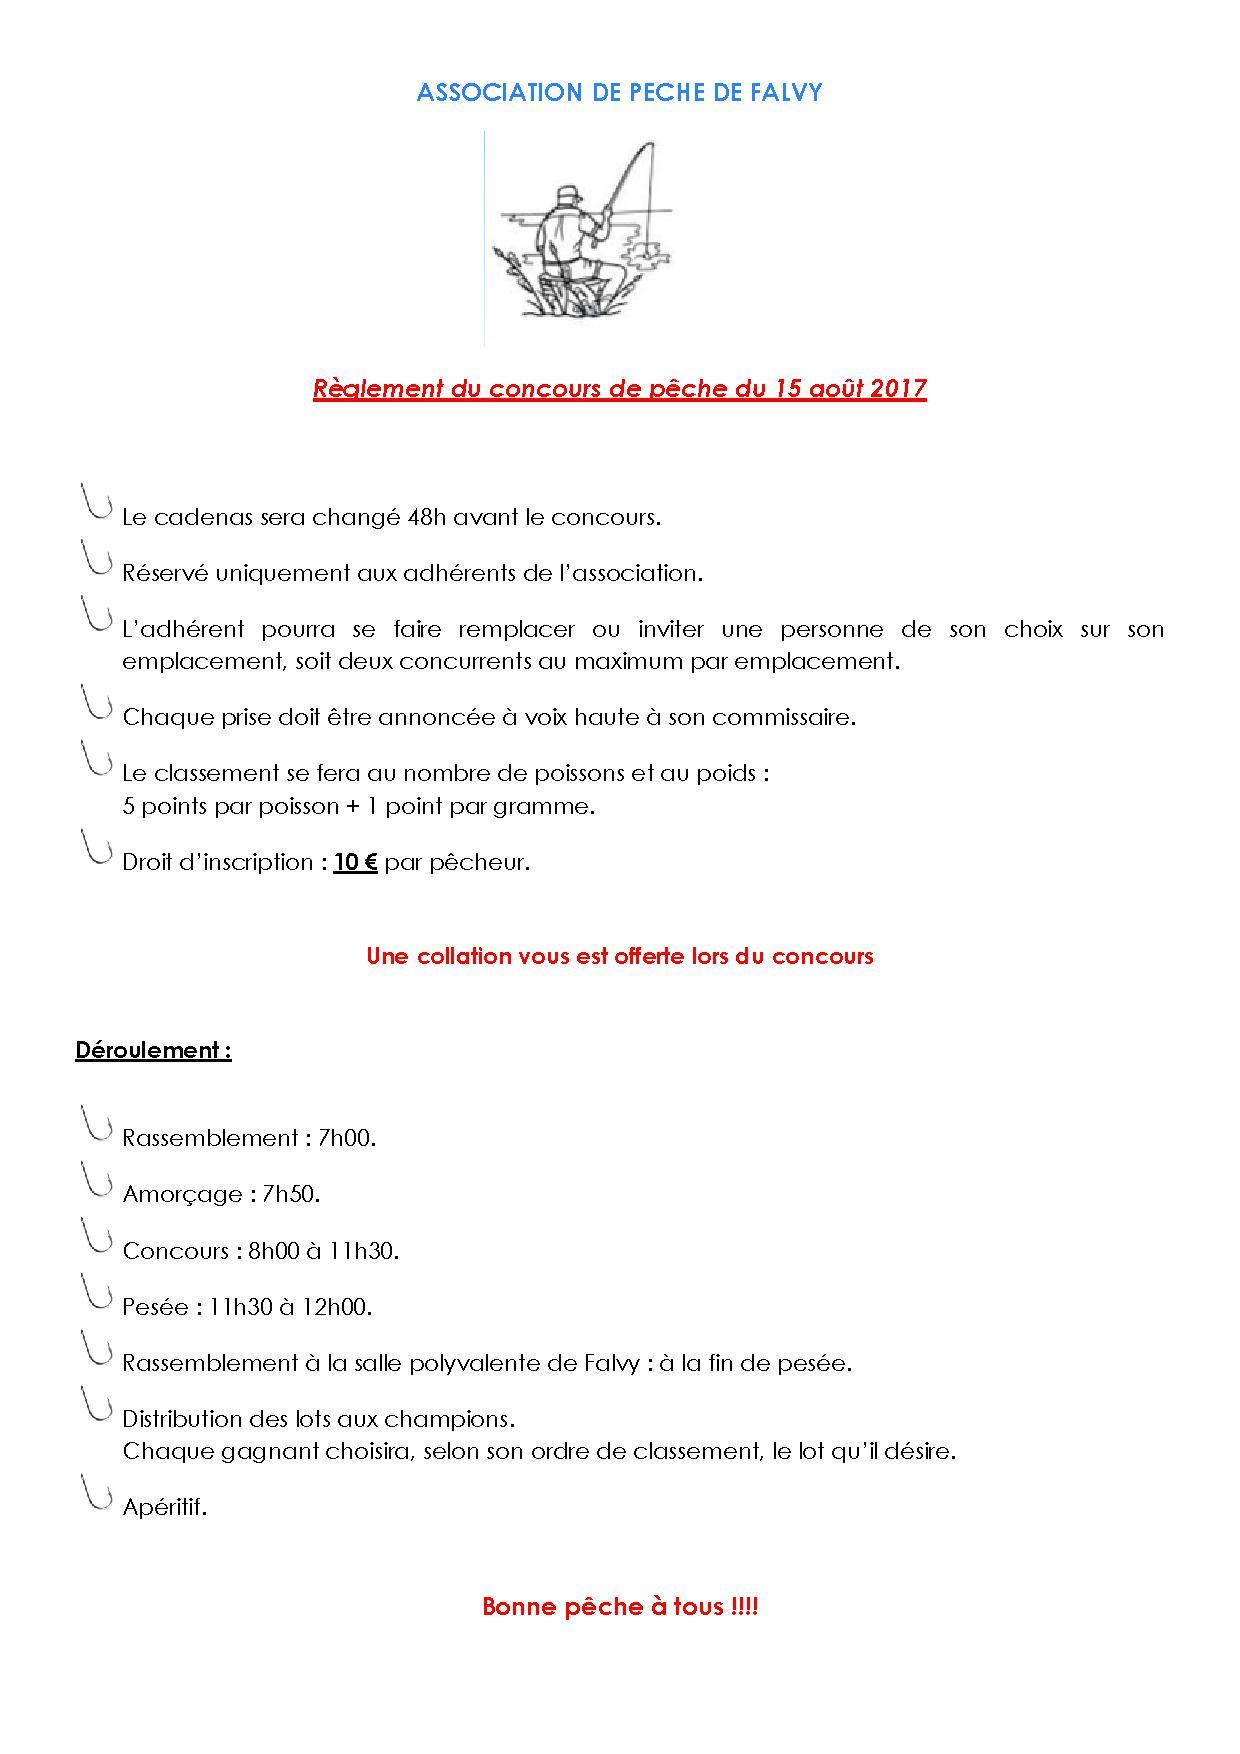 Reglement concours 15 aout 2017